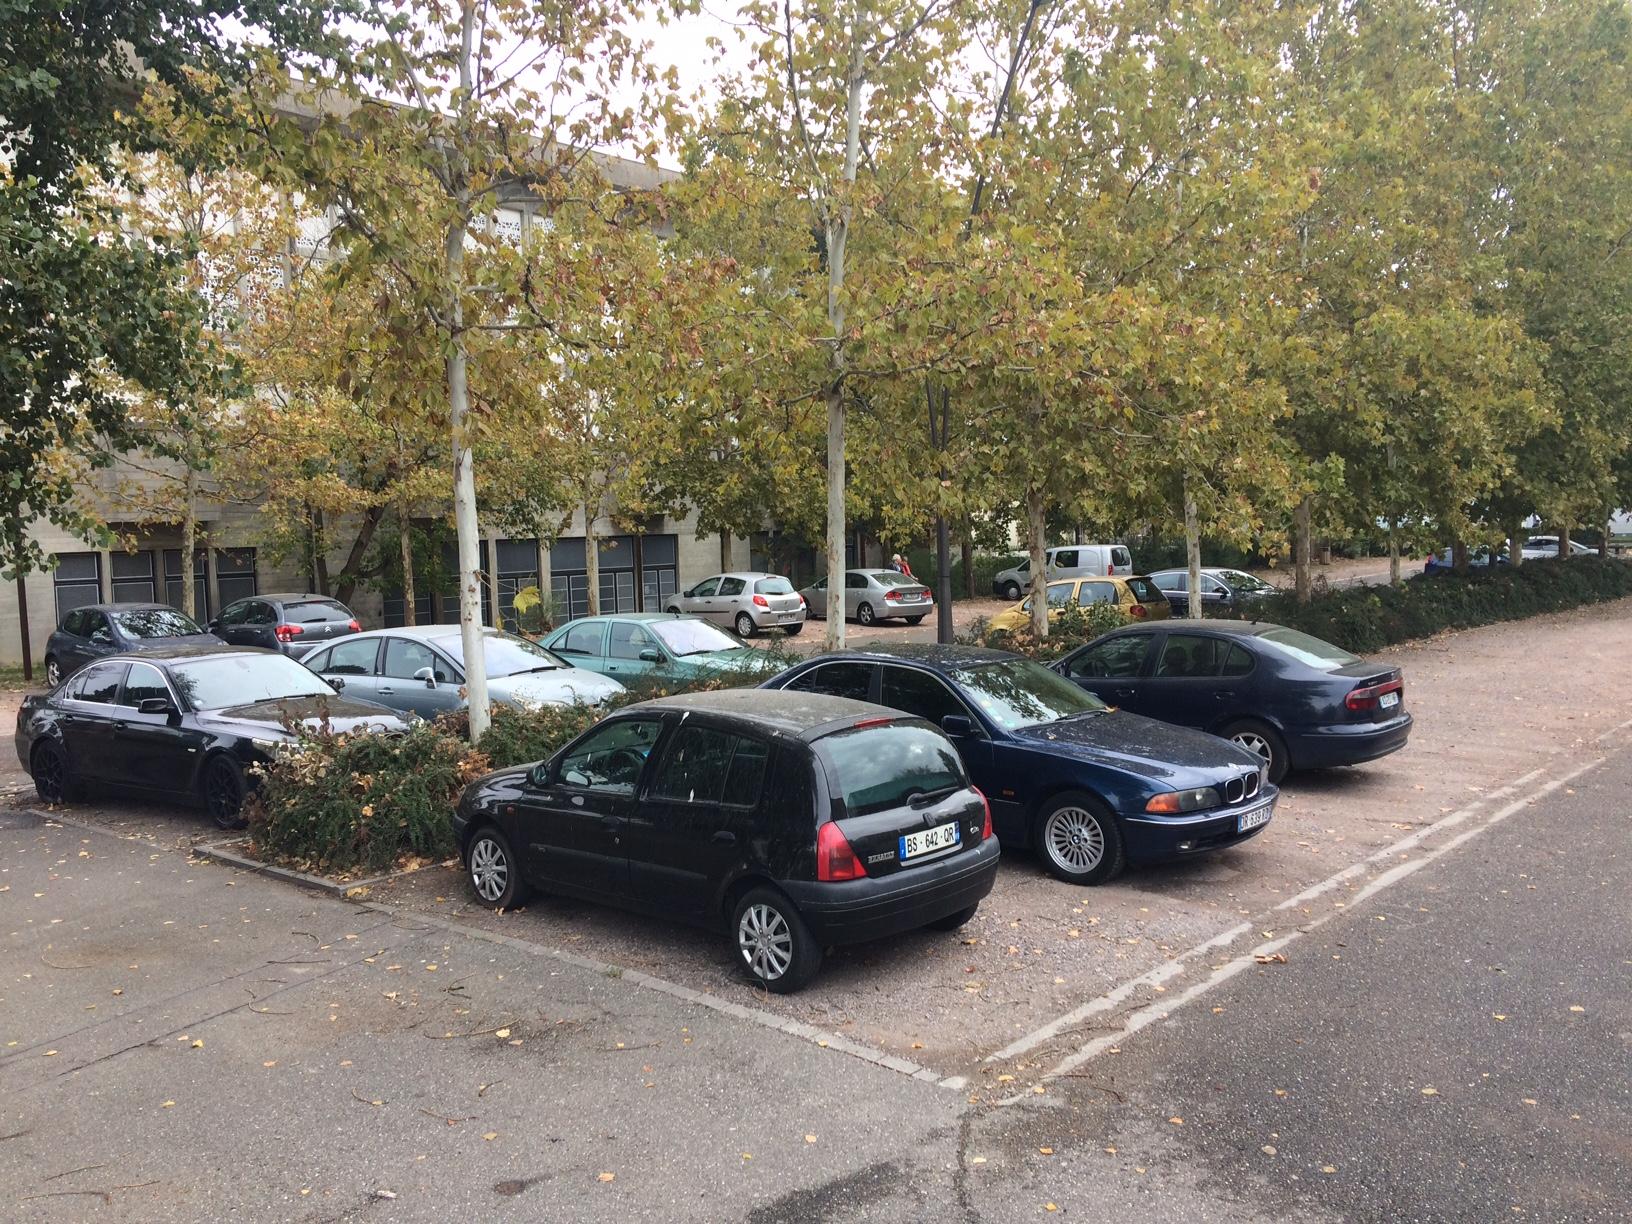 vue sur le parking situé du coté de la grande salle - éclairé et équipé de caméras de surveillances